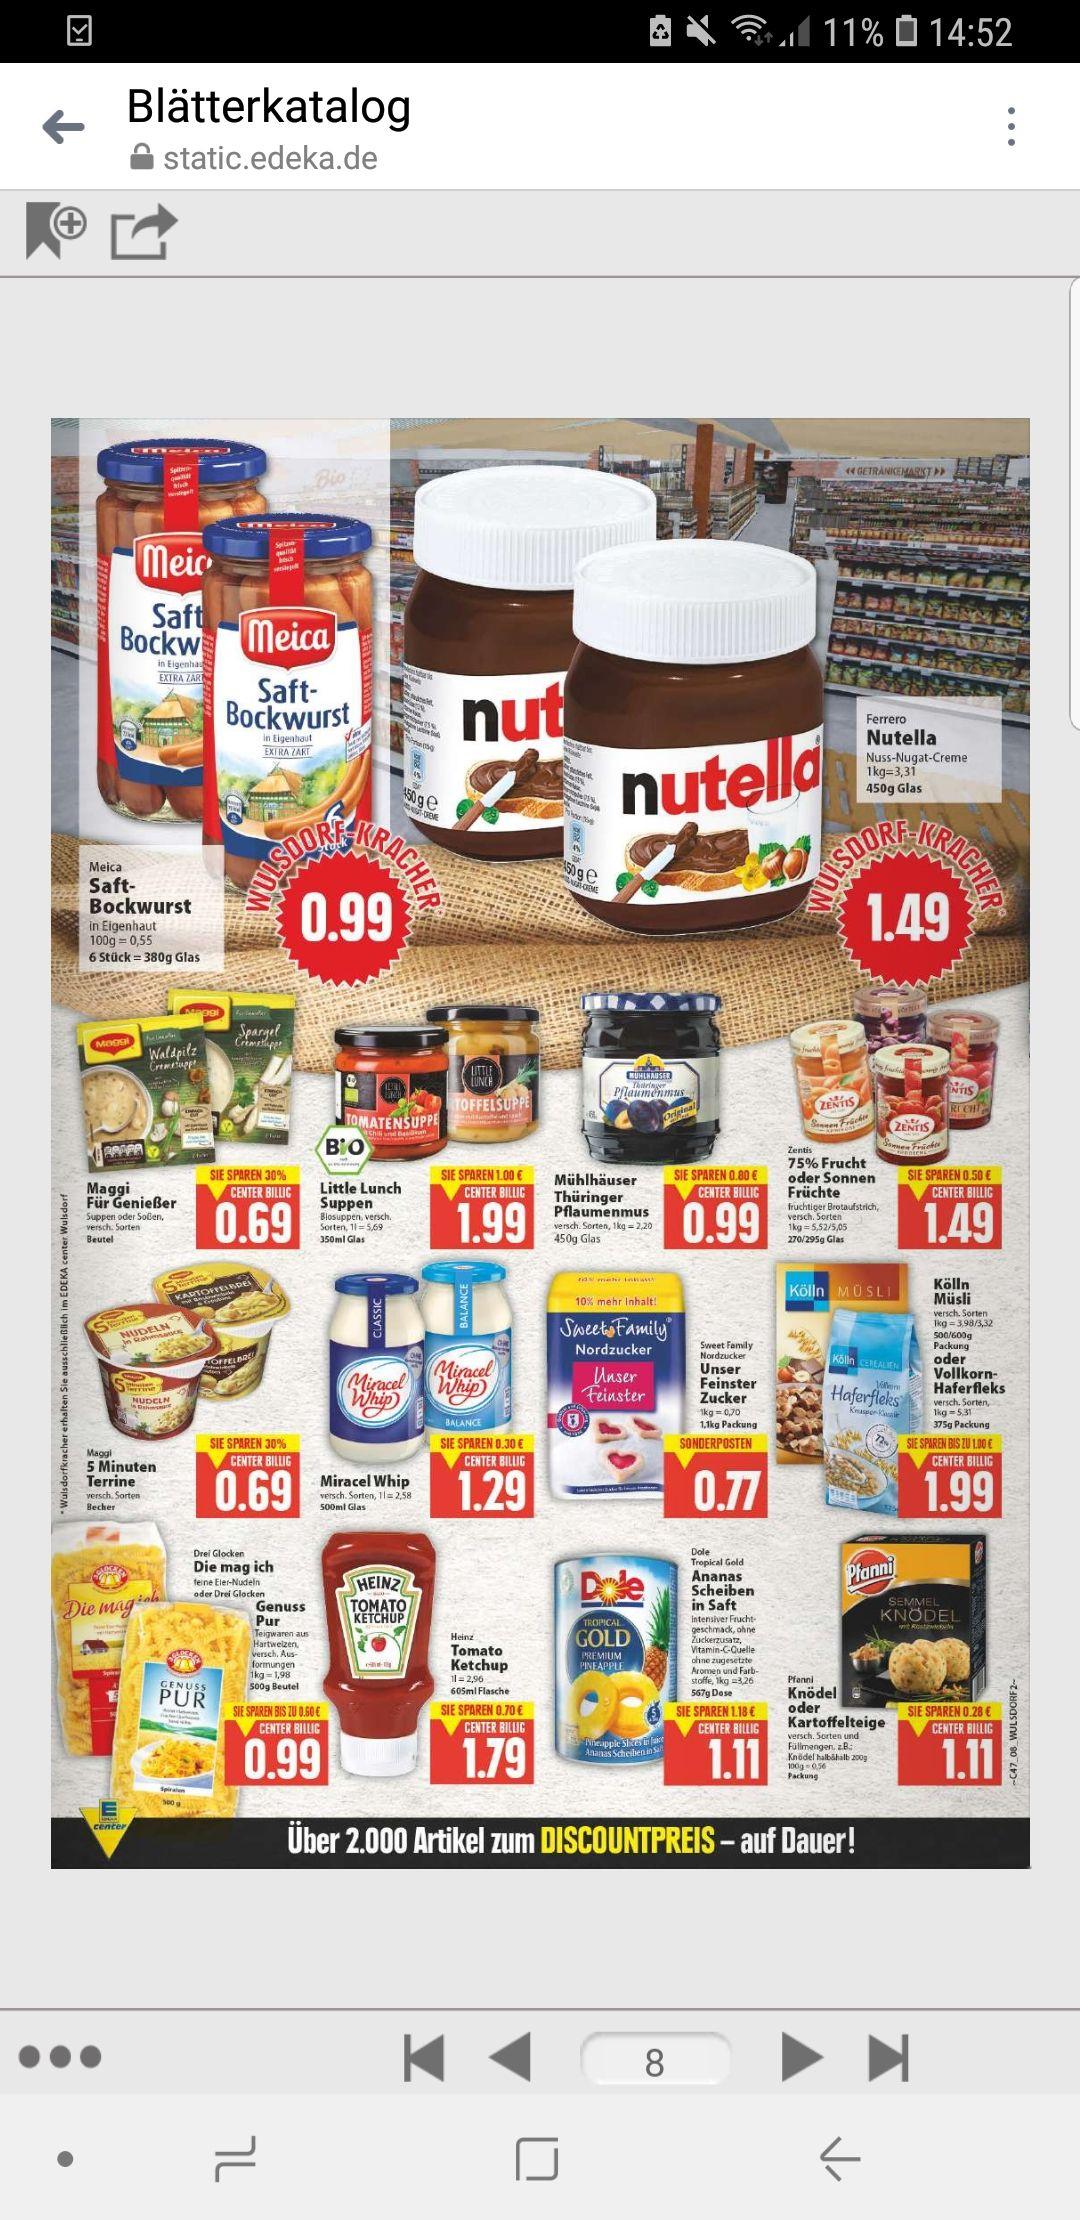 [Lokal Bremerhaven] 450g Nutella für 1,49 Euro